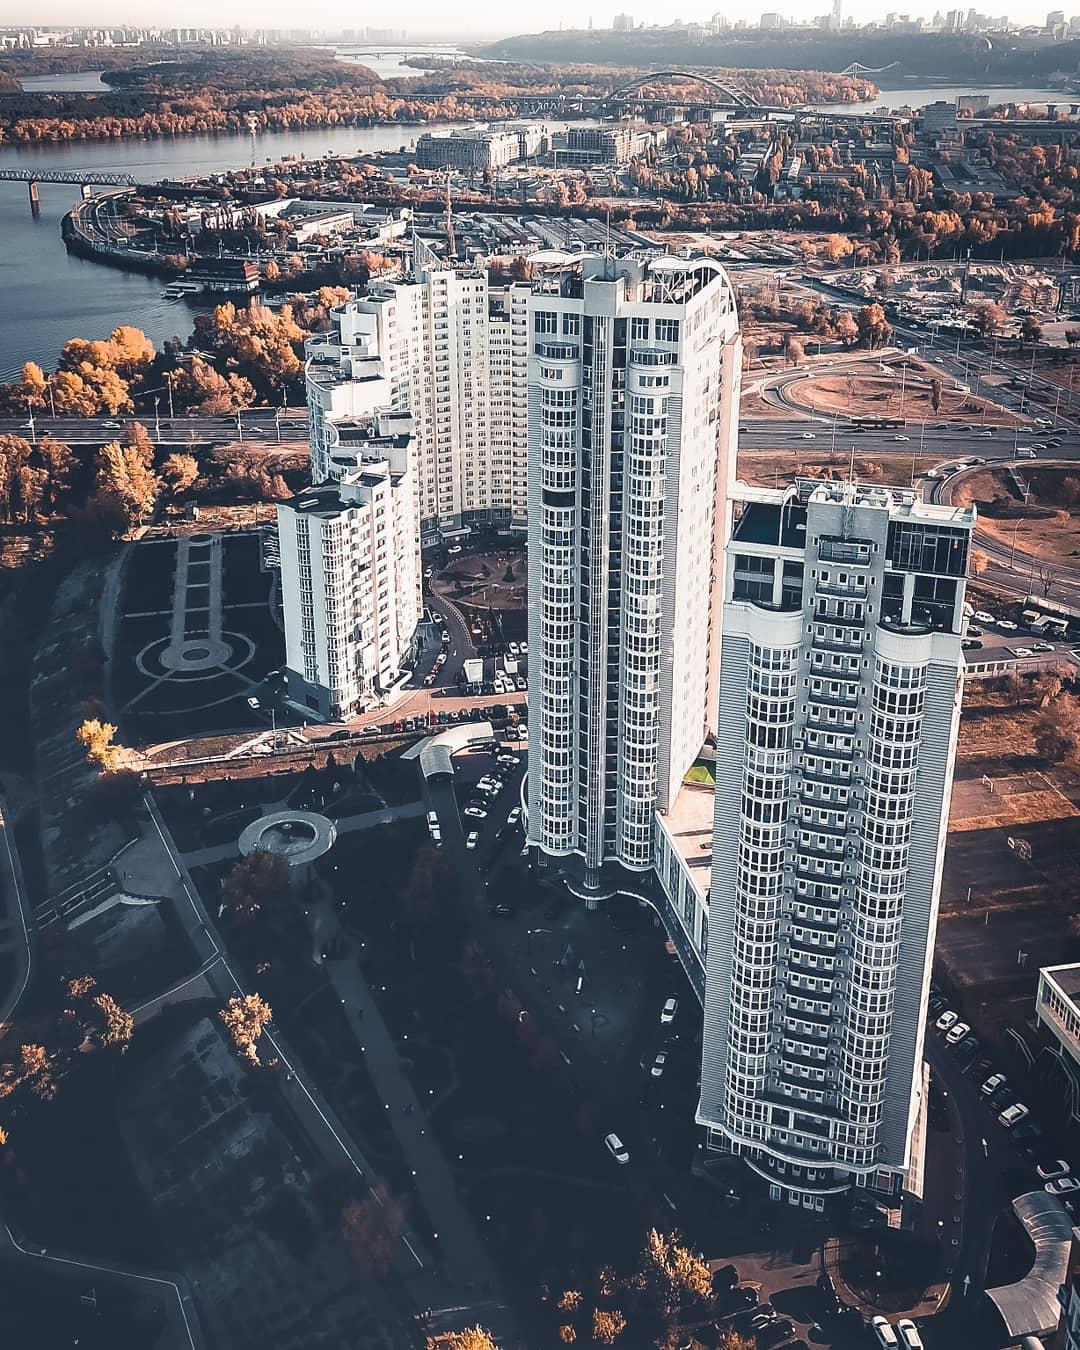 Если вам кажется, что в Киеве очень душно - вы просто смотрите не с той перспективы. @anufriev.photo показывает, что пространства в столице хоть отбавляй